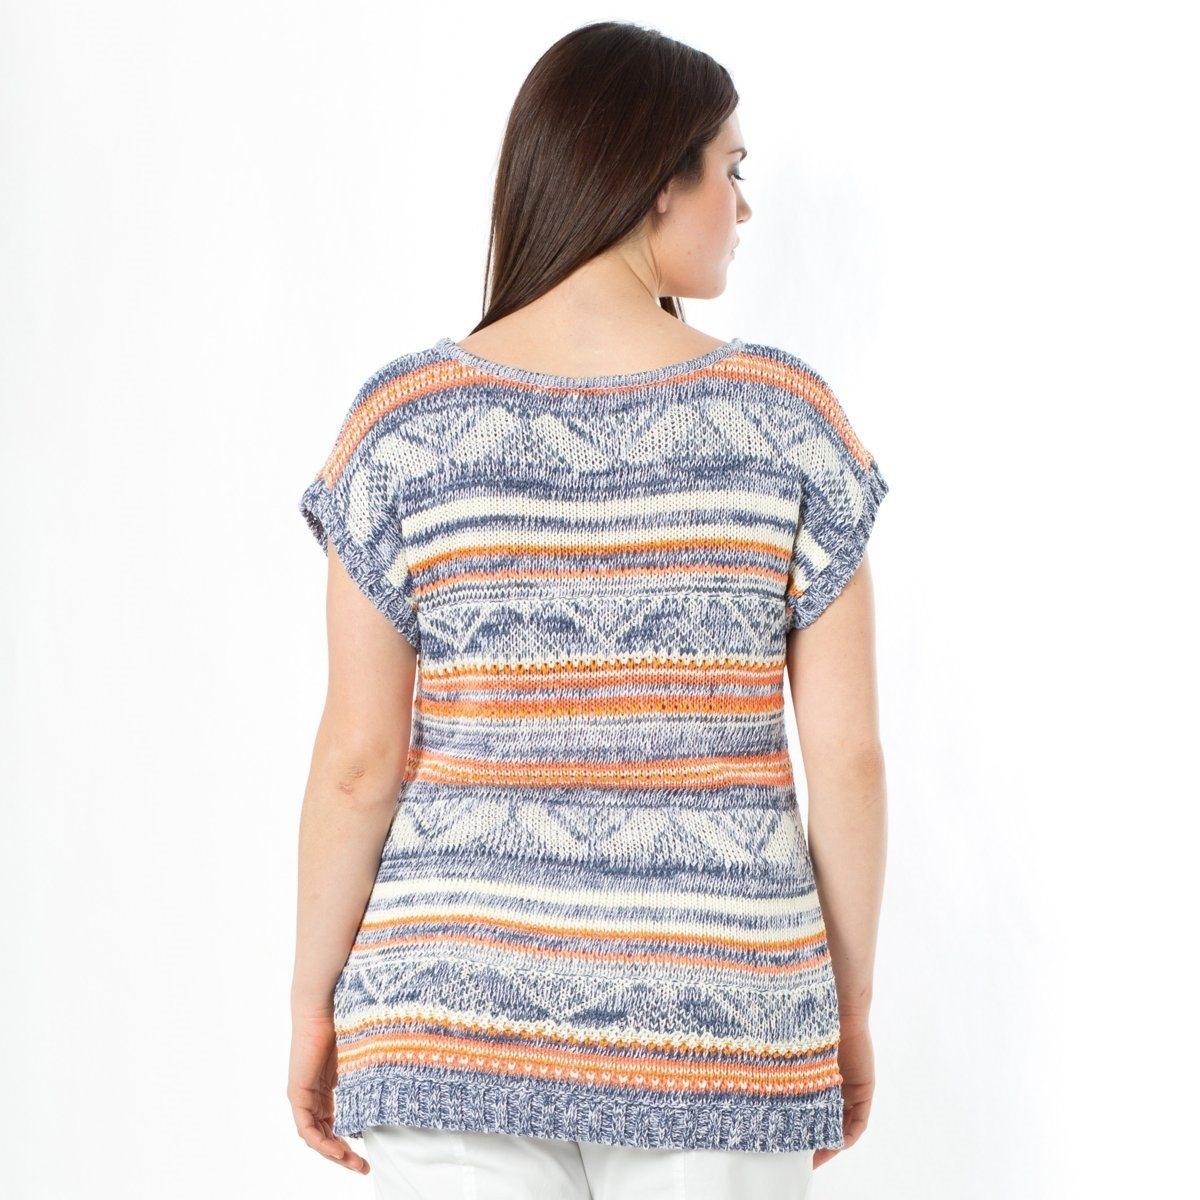 Пуловер с короткими рукавамиПуловер. Трикотаж с узором в этническом стиле! Свободный круглый вырез. Короткие рукава. Края рукавов и низа связаны в рубчик. Разноцветный трикотаж, 55% акрила, 33% хлопка, 12% полиамида. Длина 65 см.<br><br>Цвет: синий<br>Размер: 58/60 (FR) - 64/66 (RUS)